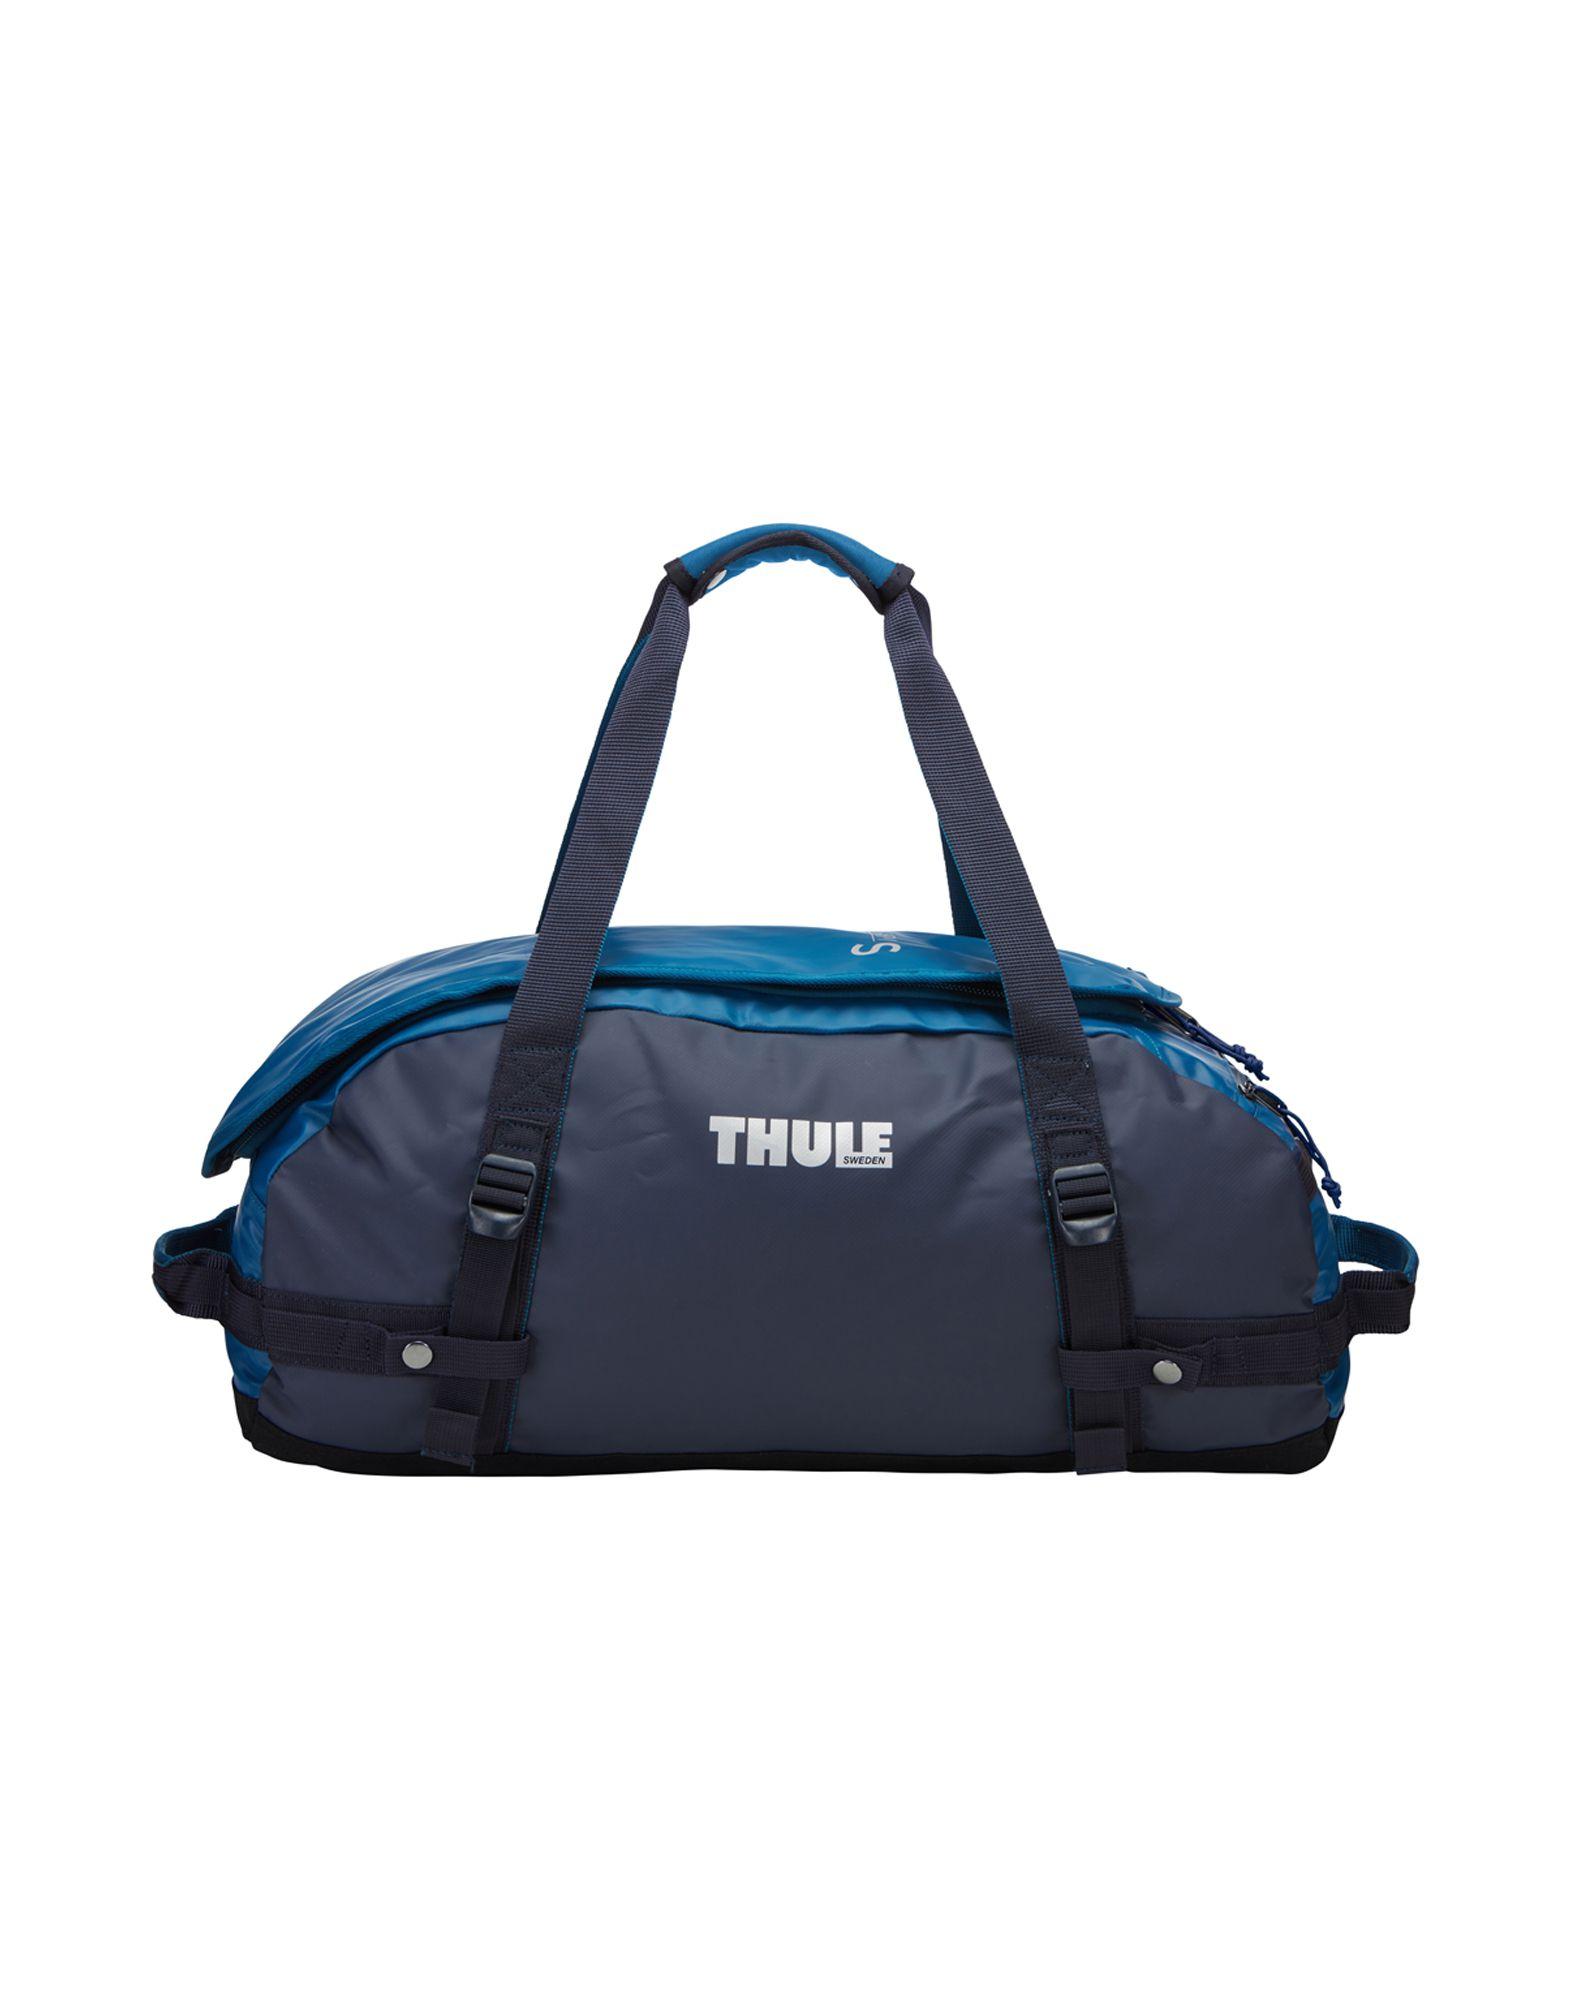 Borsone Thule® Chasmduffel 40L Poseidon - Uomo - Acquista online su